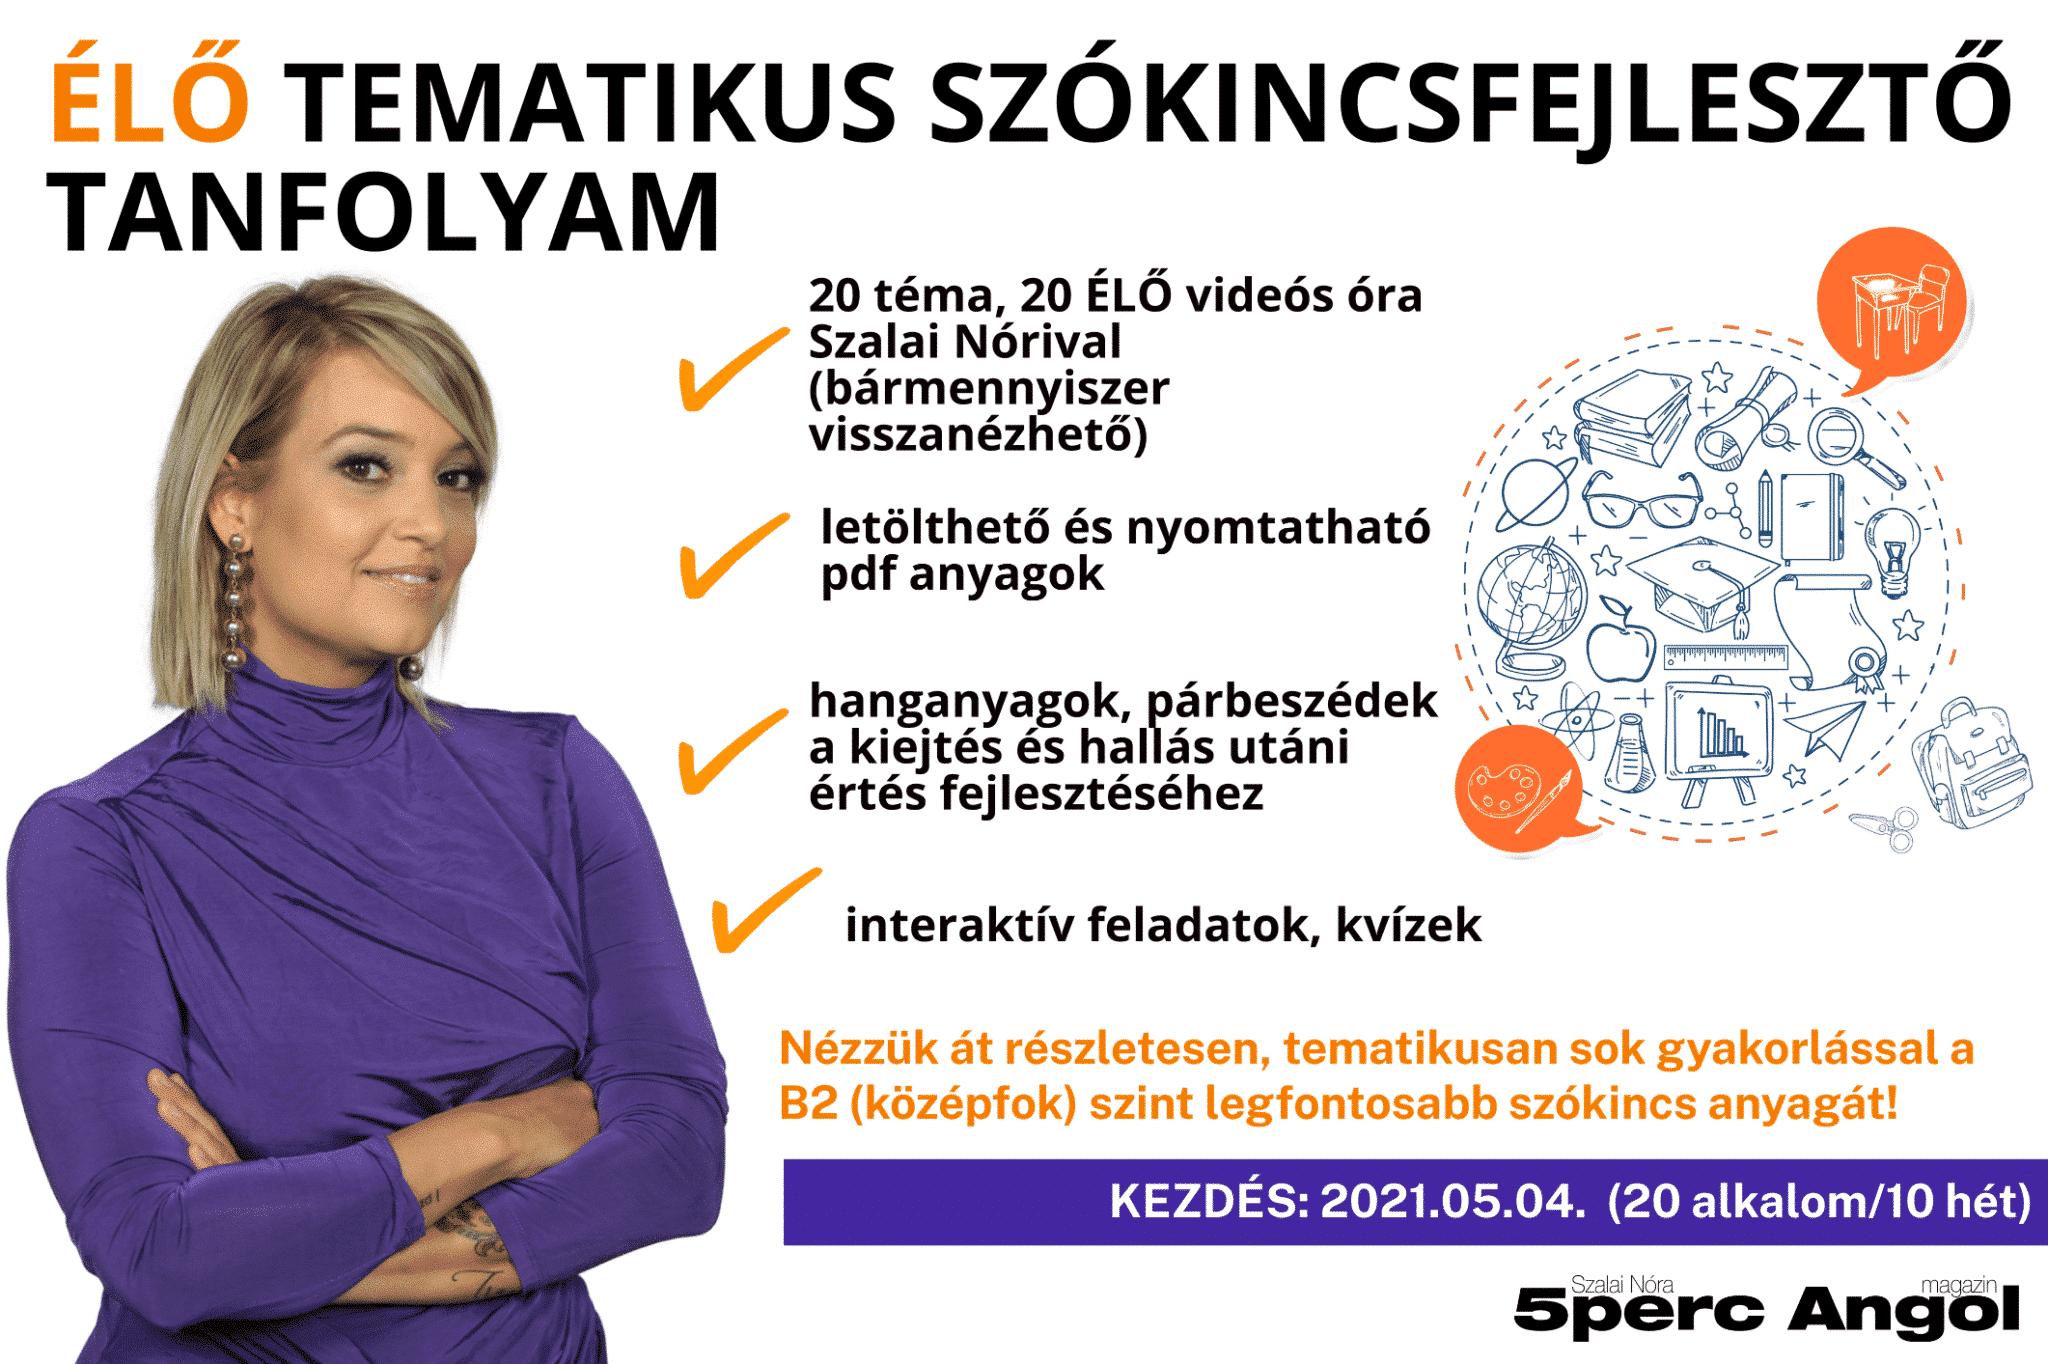 20 alkalmas TEMATIKUS SZÓKINCSFEJLESZTŐ tanfolyam Szalai Nórival